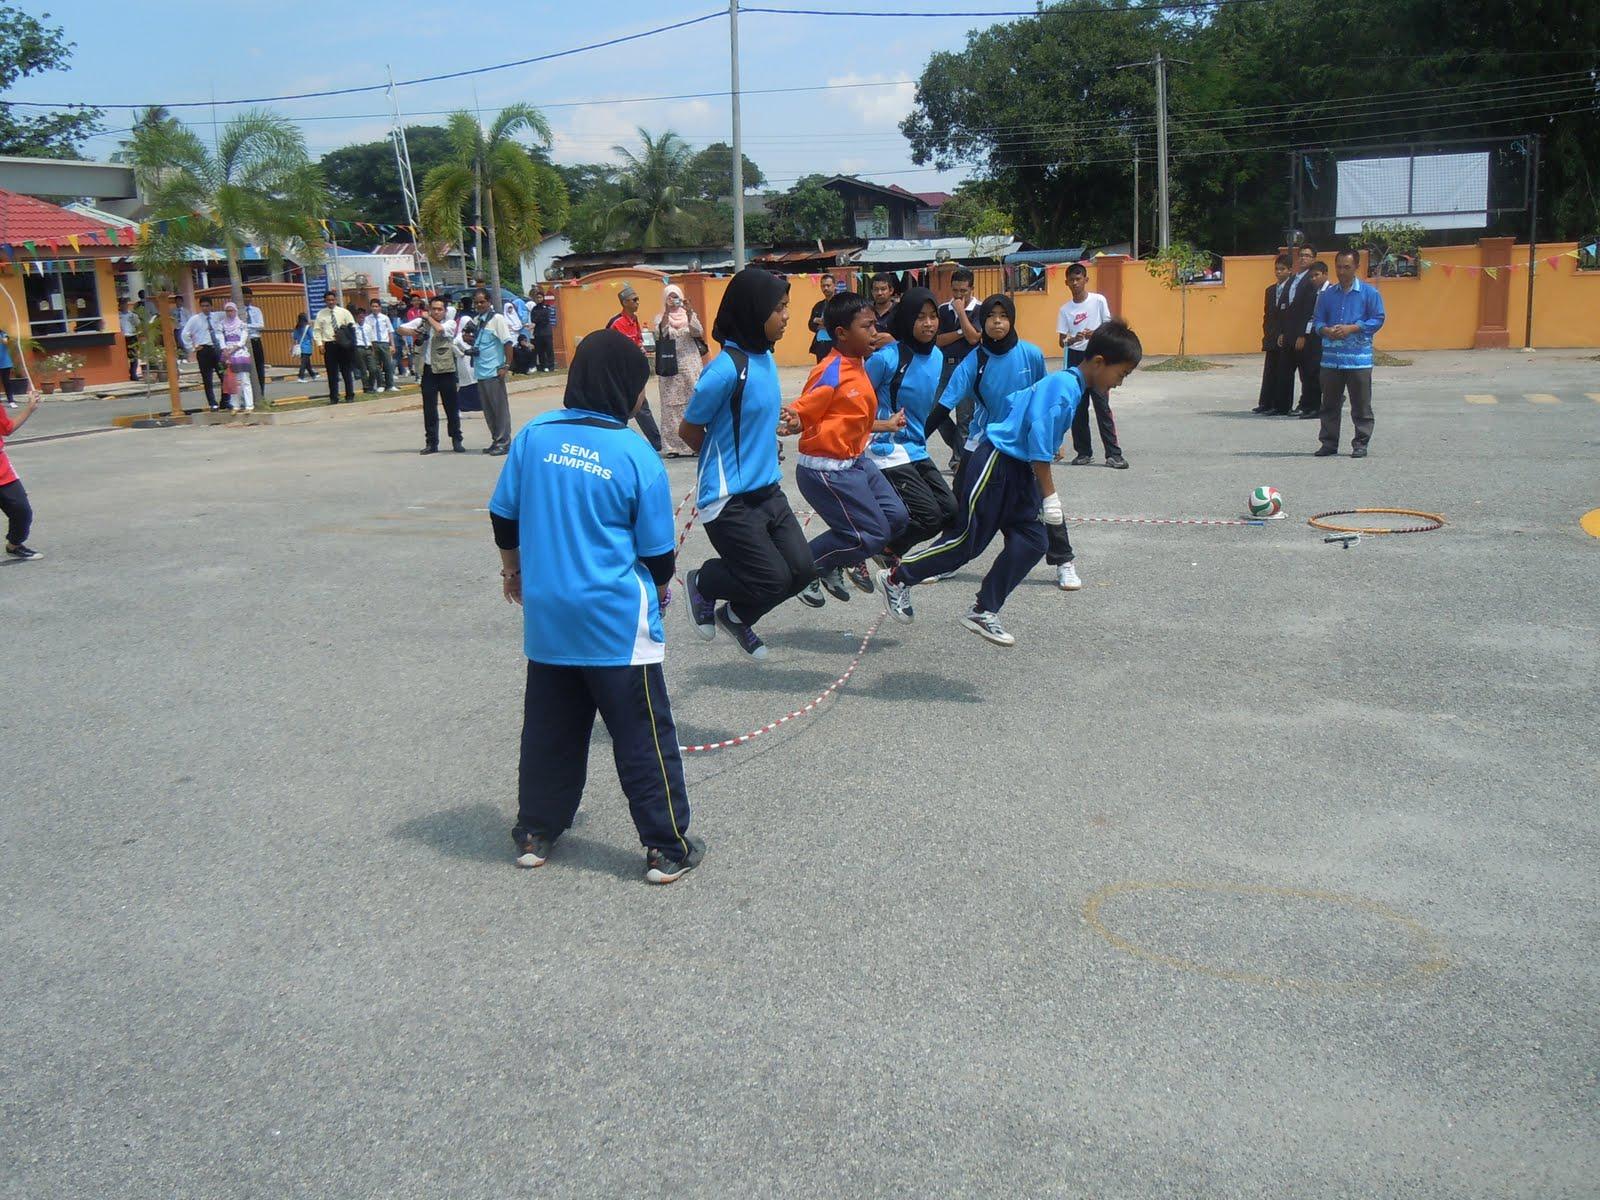 Karnival SKK Zon Utara di SMK Dato' Syed Ahmad, Kuala Nerang, Kedah